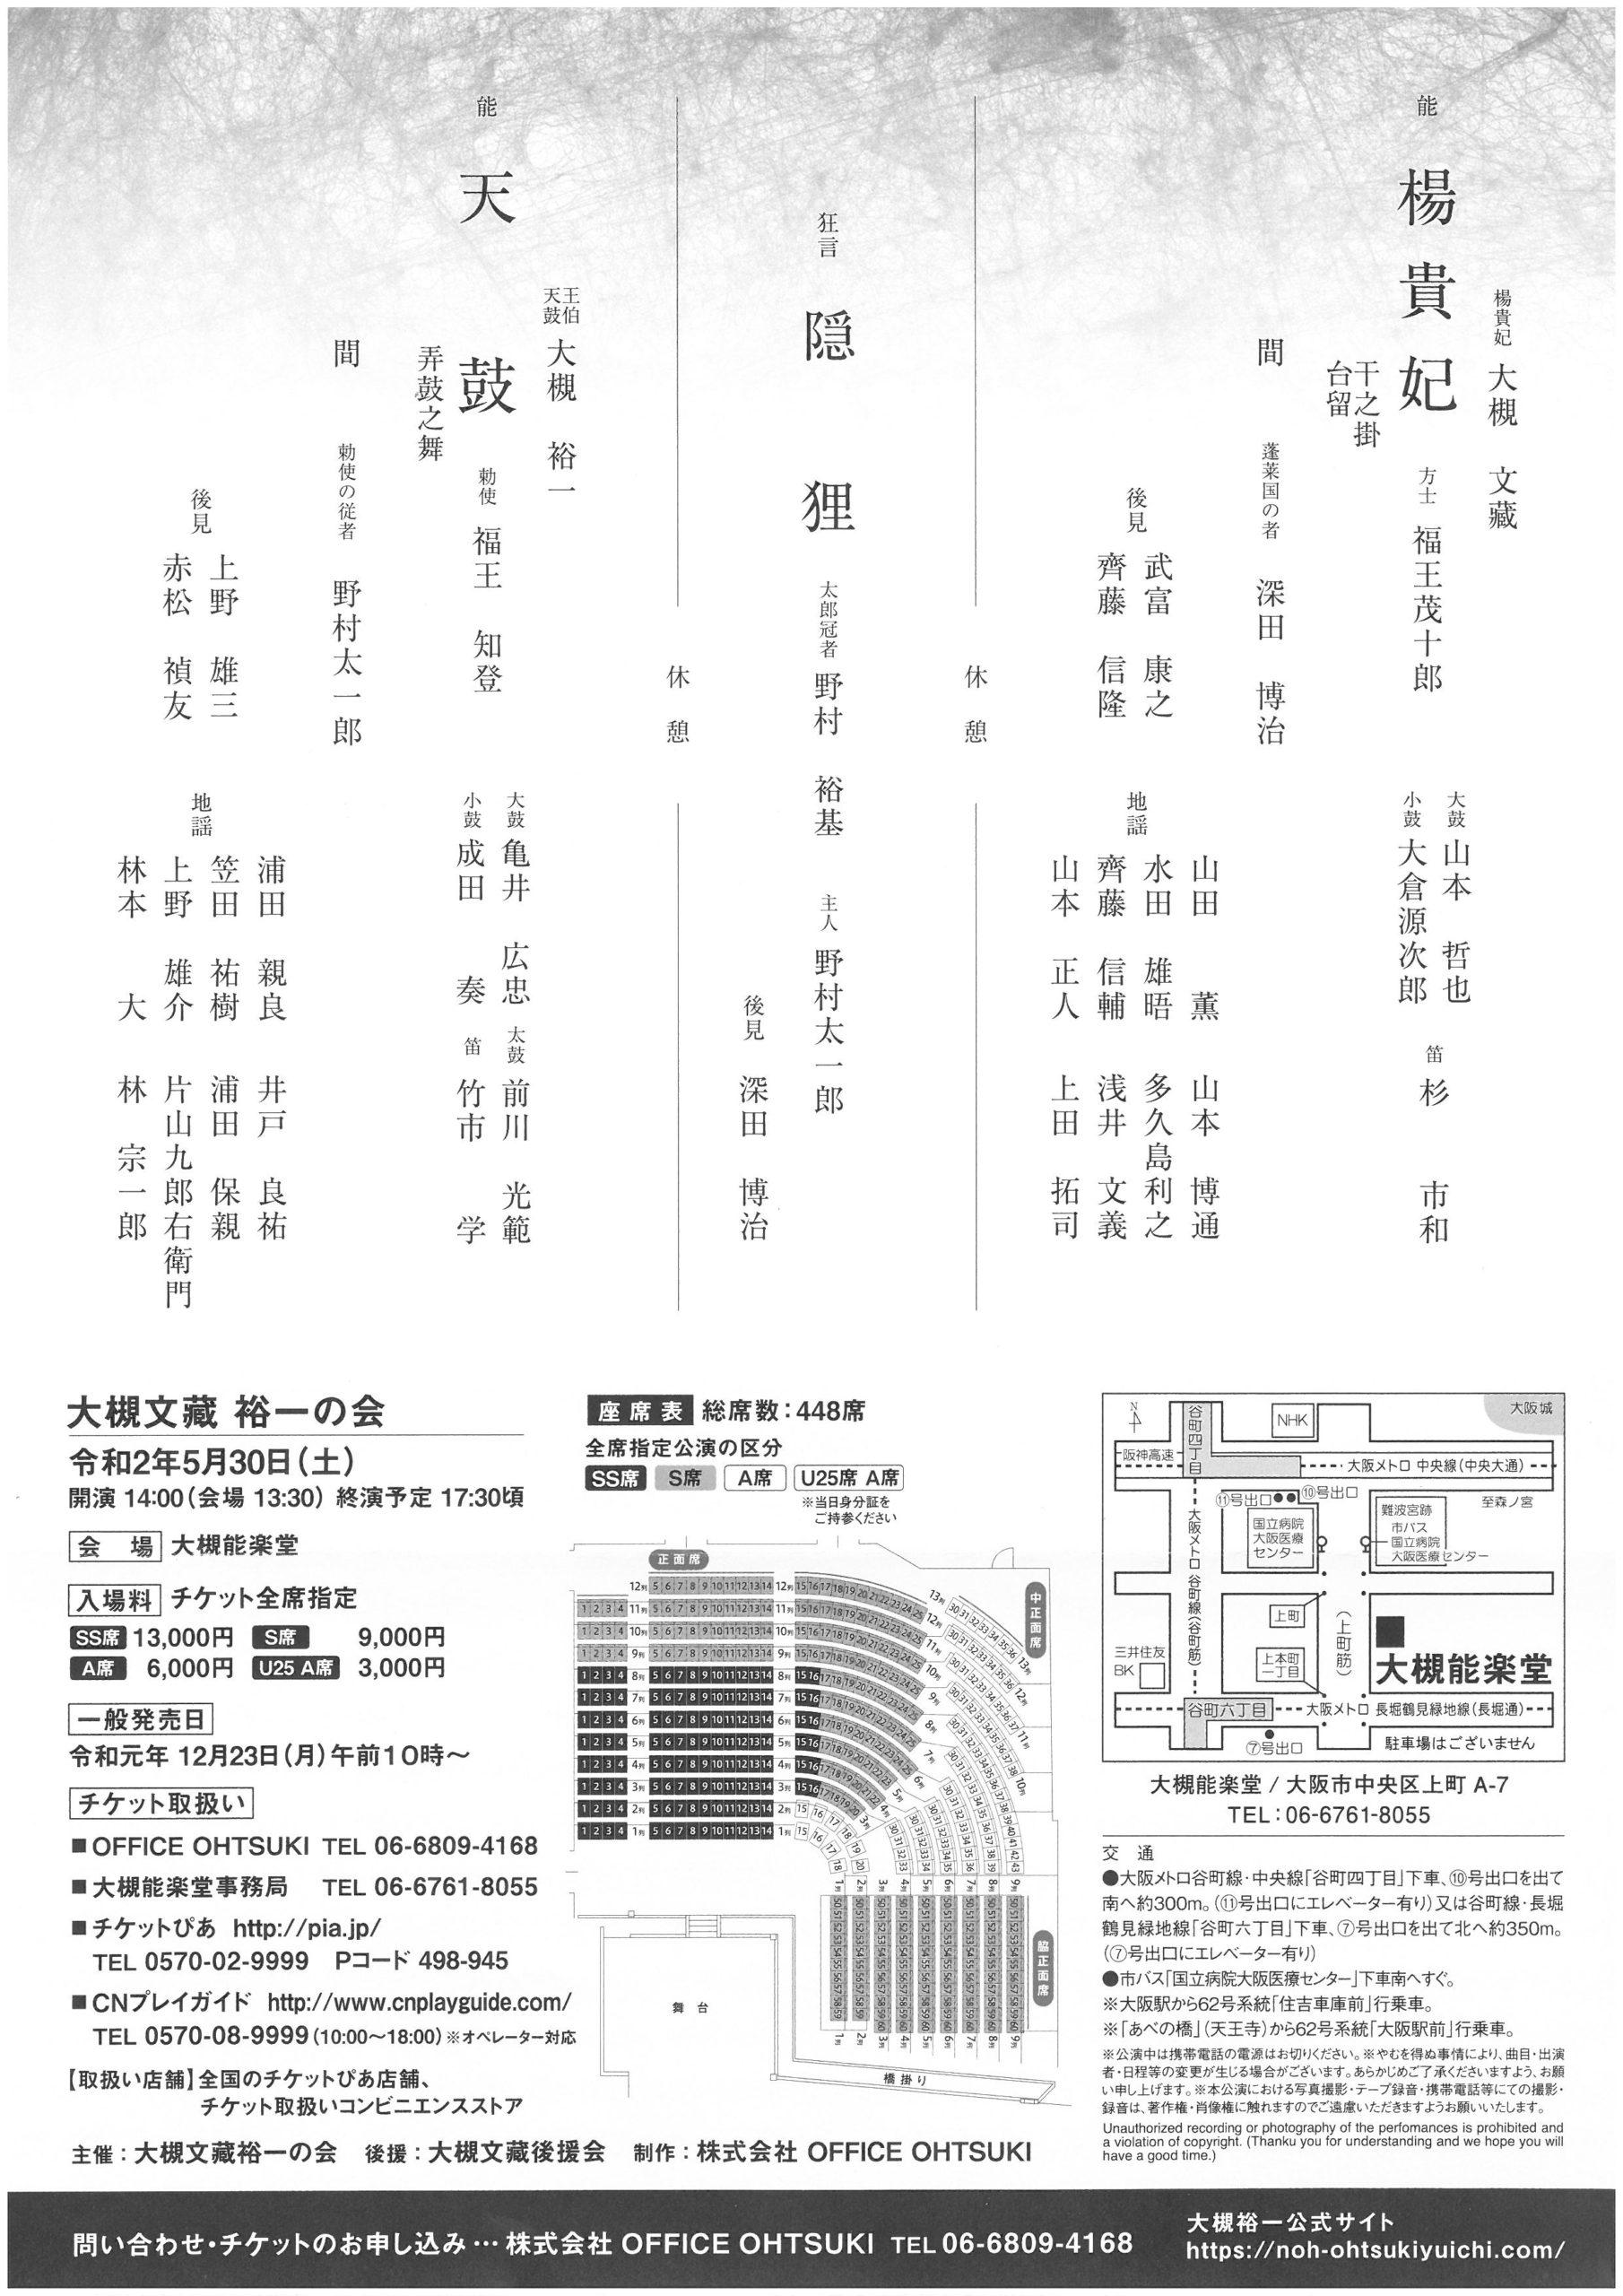 大槻文蔵 裕一の会 - 観世流能楽師 林本大(はやしもと・だい ...